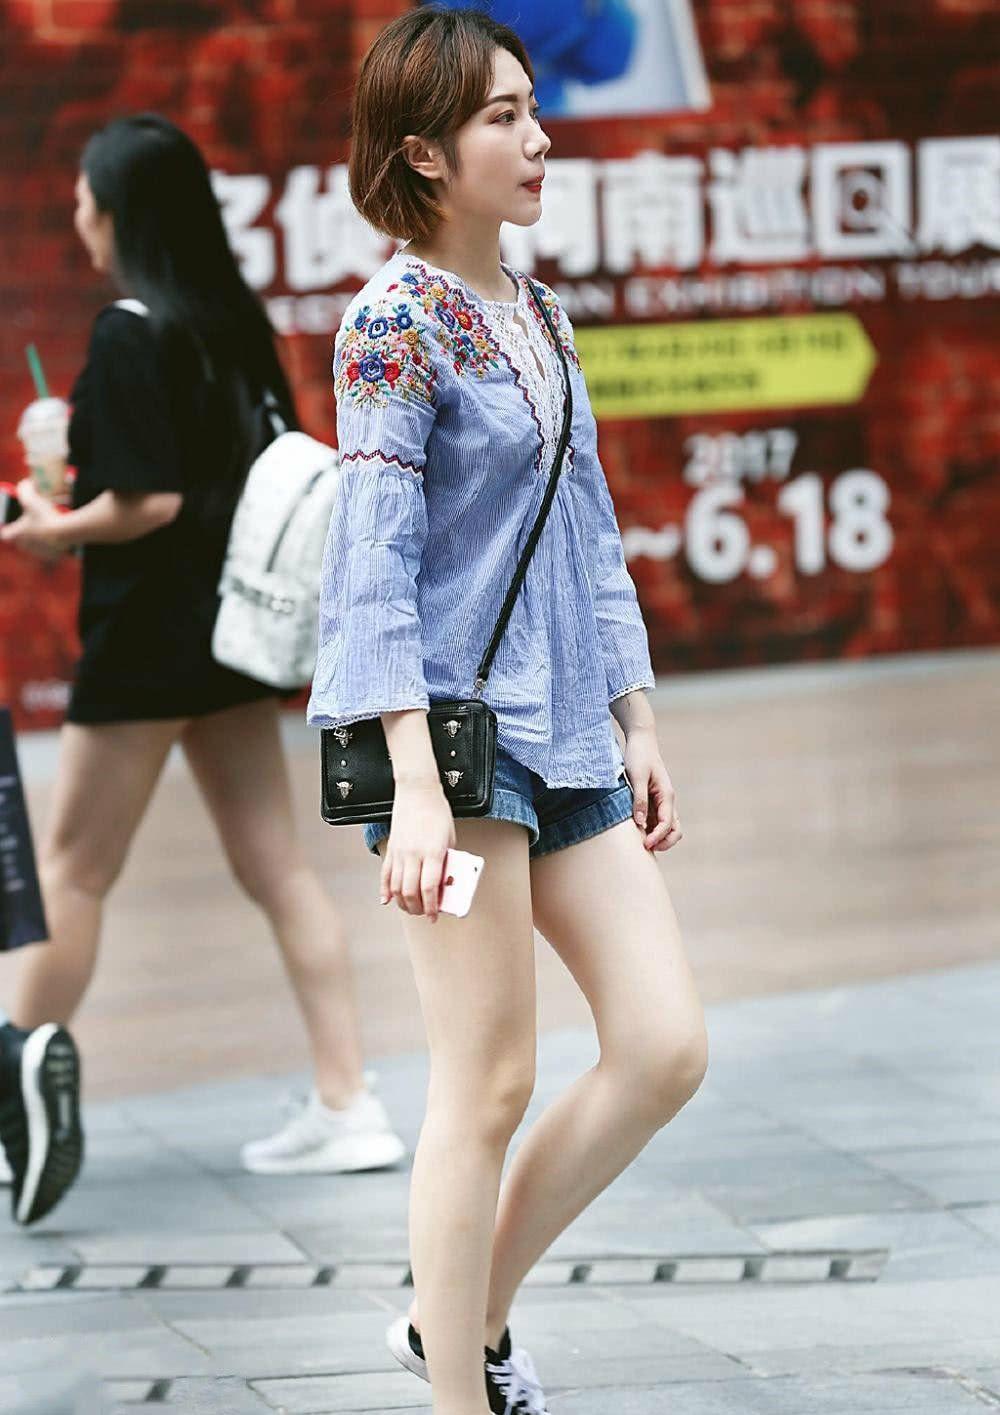 街拍:短发小姐姐穿短裤,秀出白皙长腿,眉清目秀红唇诱人